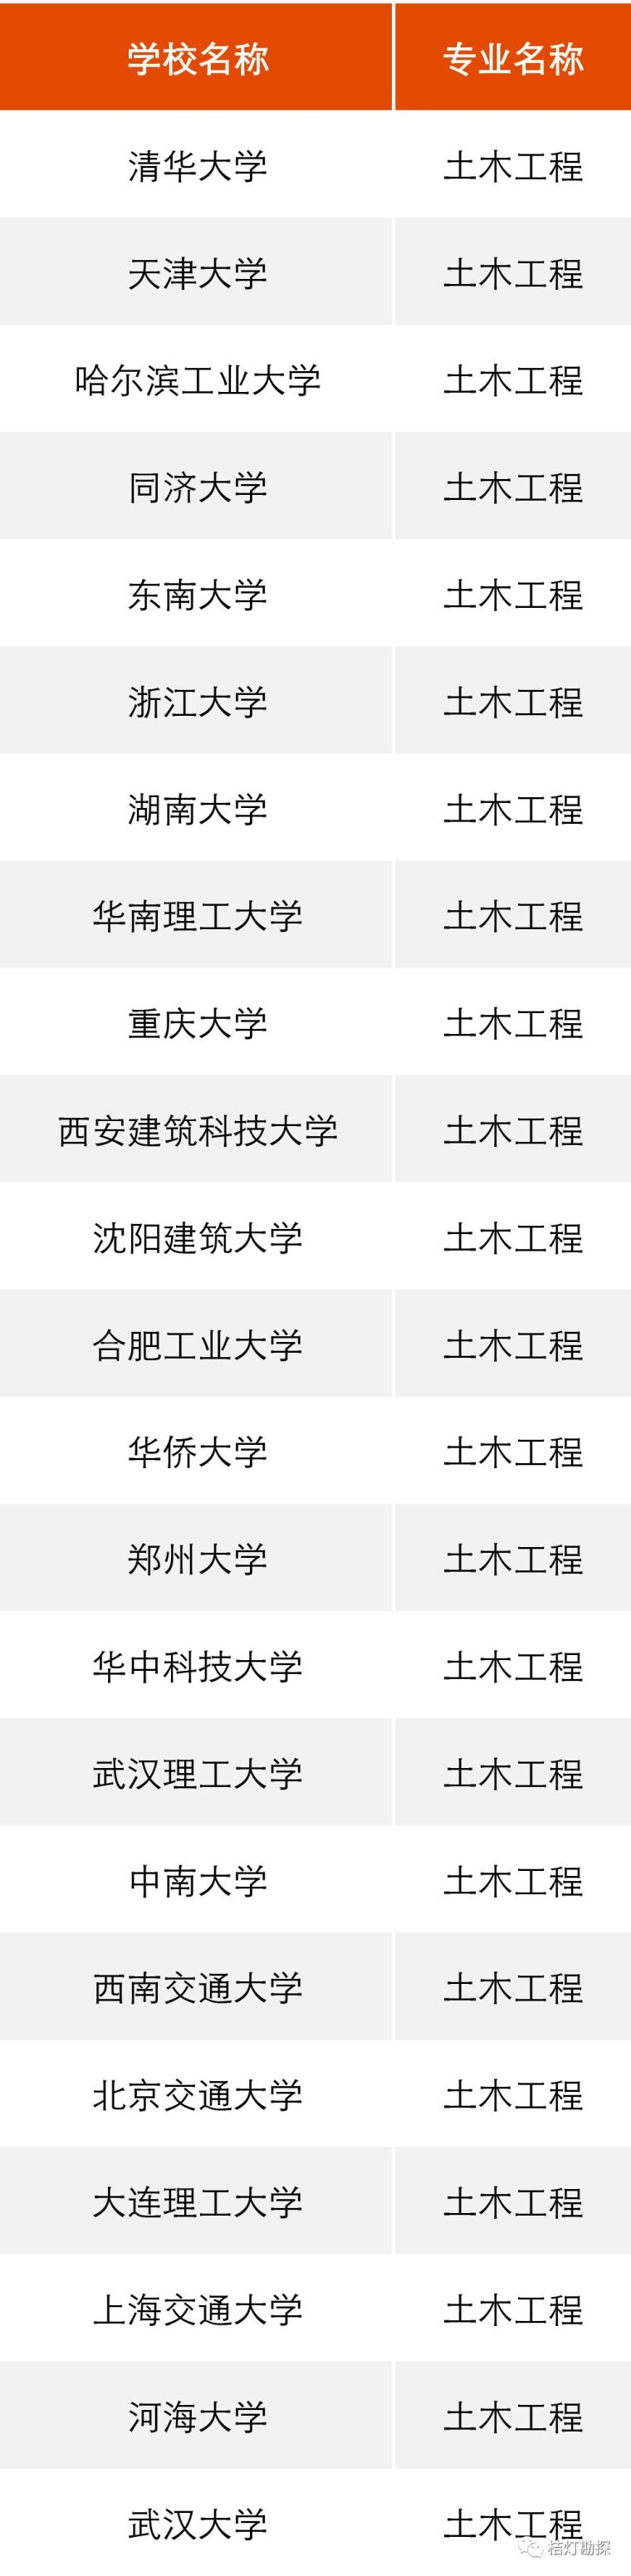 """教育部公布293个地学类工科专业进入全球""""第一方阵""""!_13"""